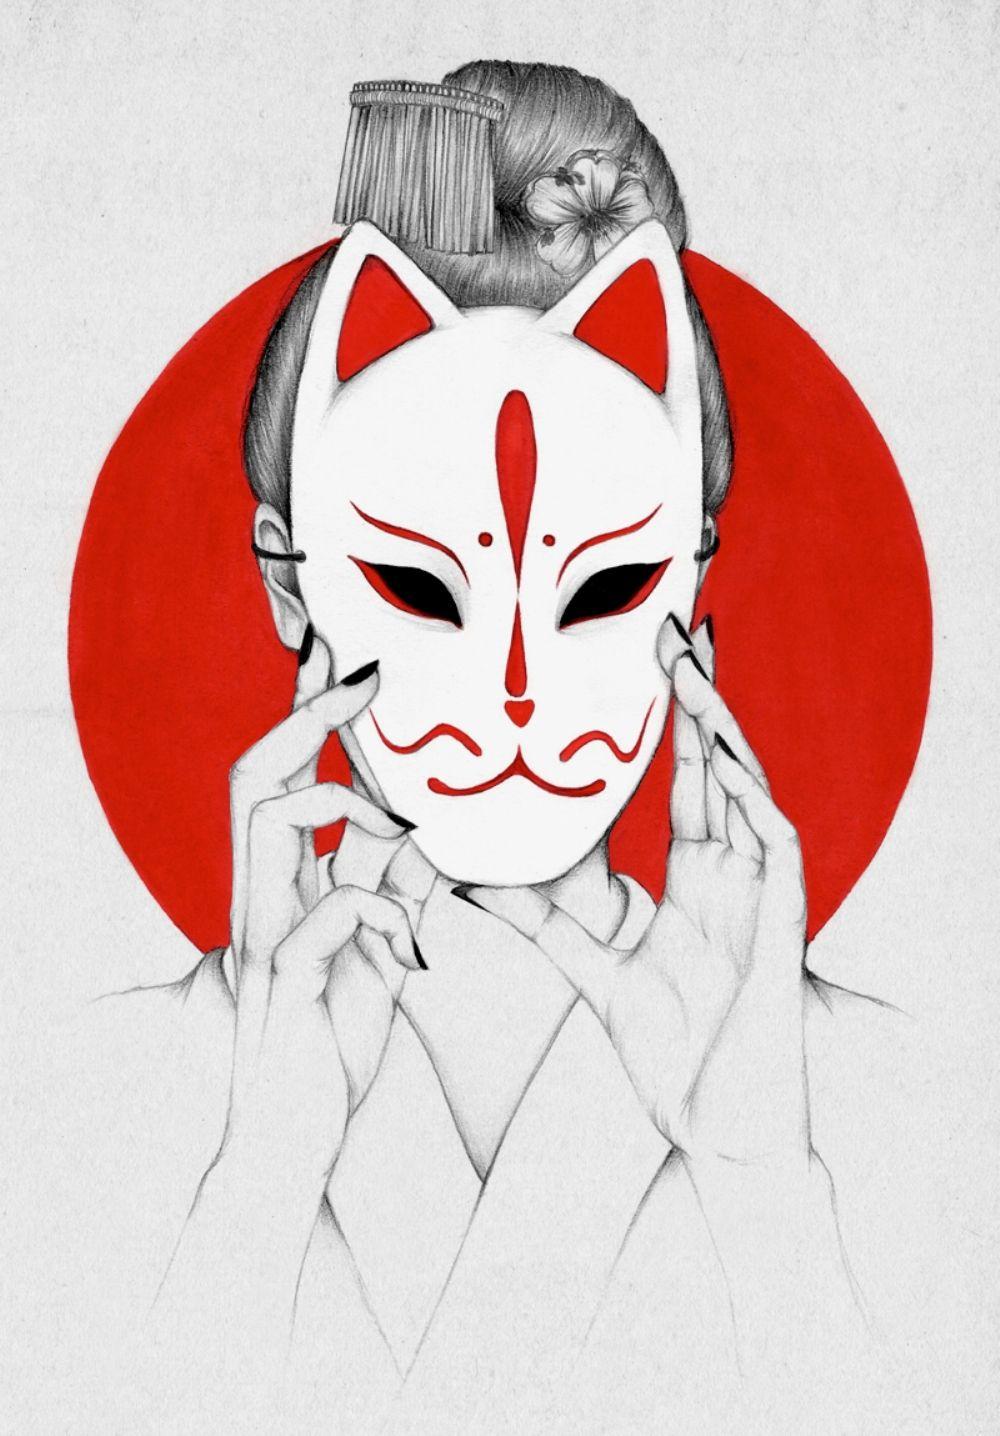 White Dear Mask Art Japanese Art Character Art